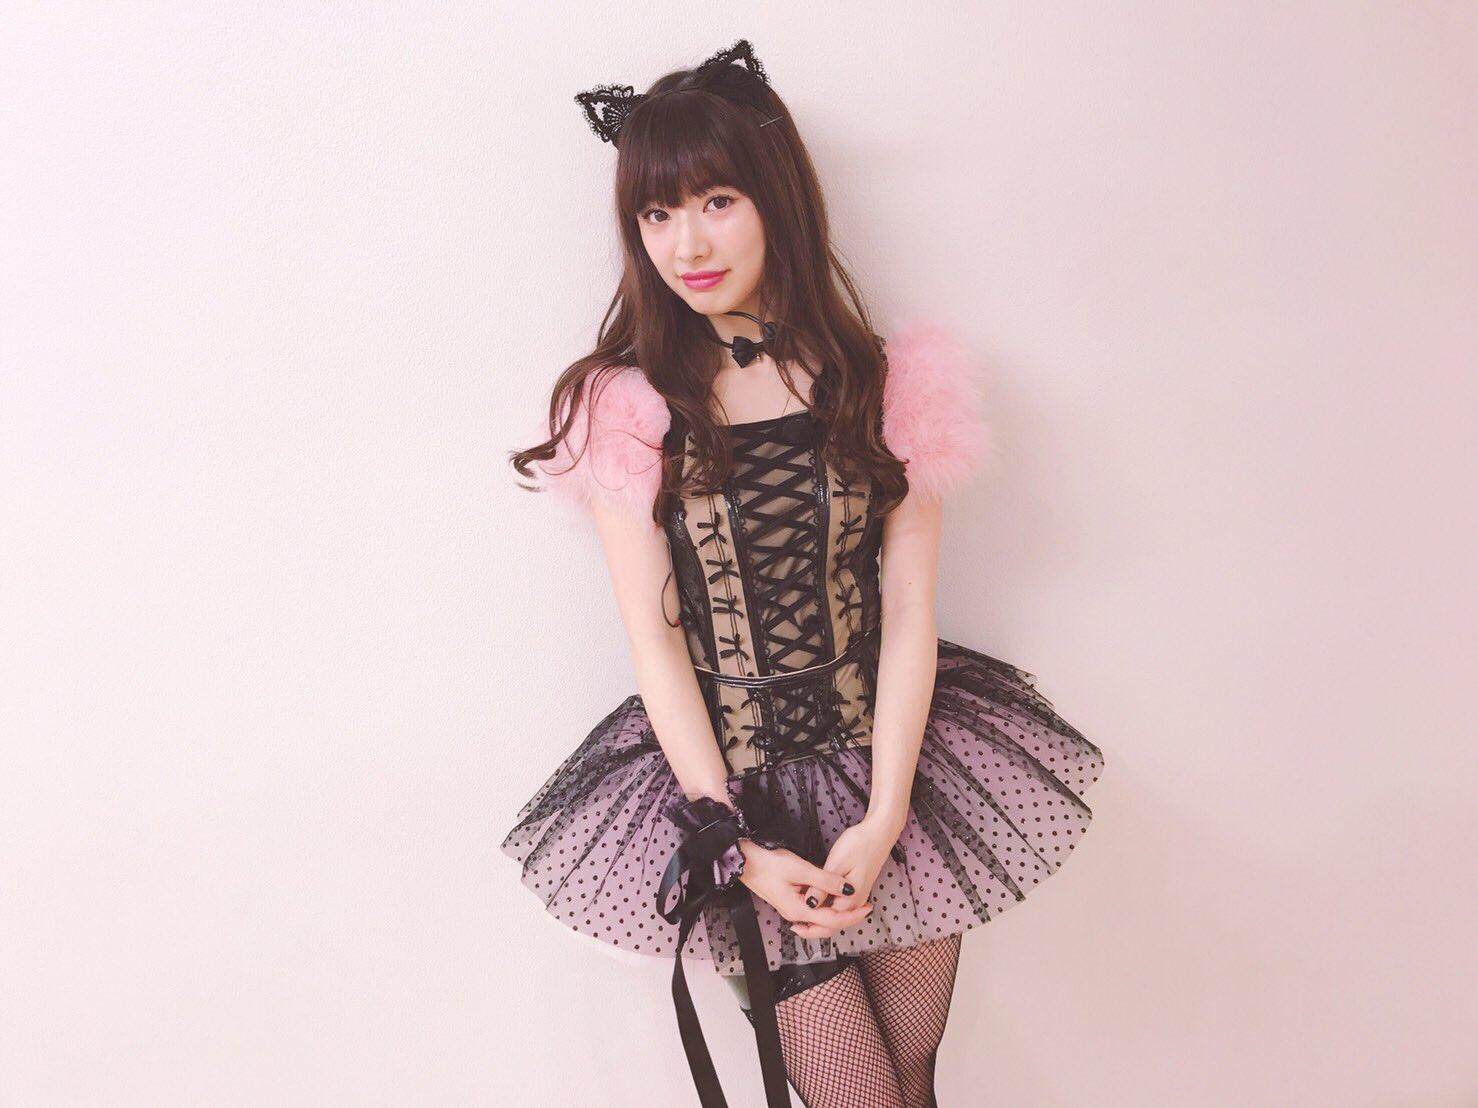 セクシーな猫耳衣装を着た武藤十夢